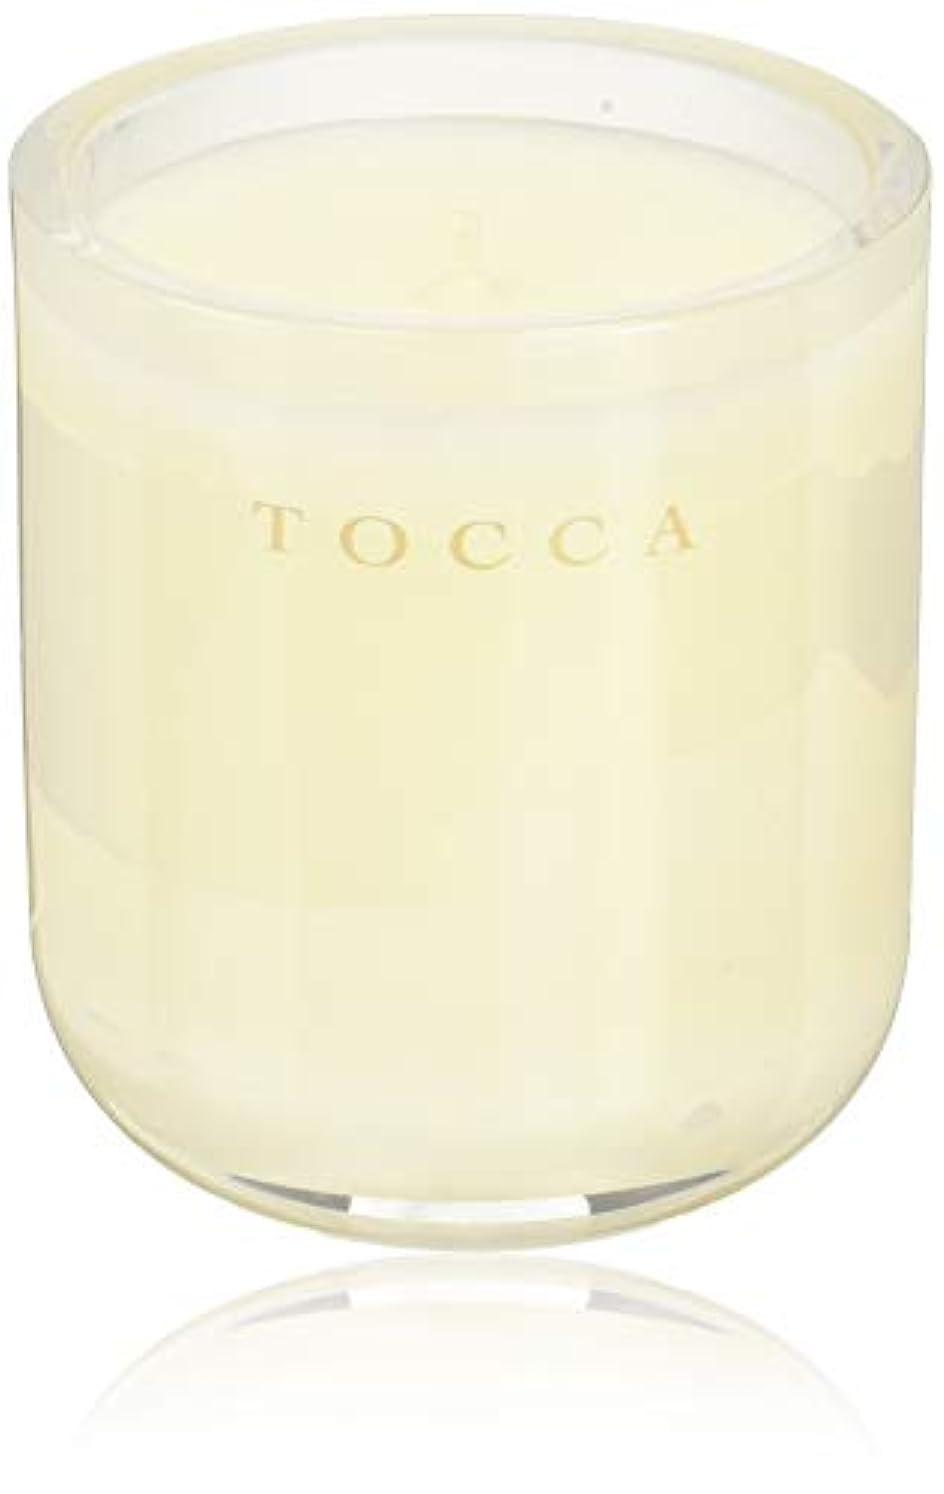 不適切な頑固な超音速TOCCA(トッカ) ボヤージュ キャンドル マラケシュ 287g (ろうそく 芳香 パチュリとアンバーのスパイシーな香り)